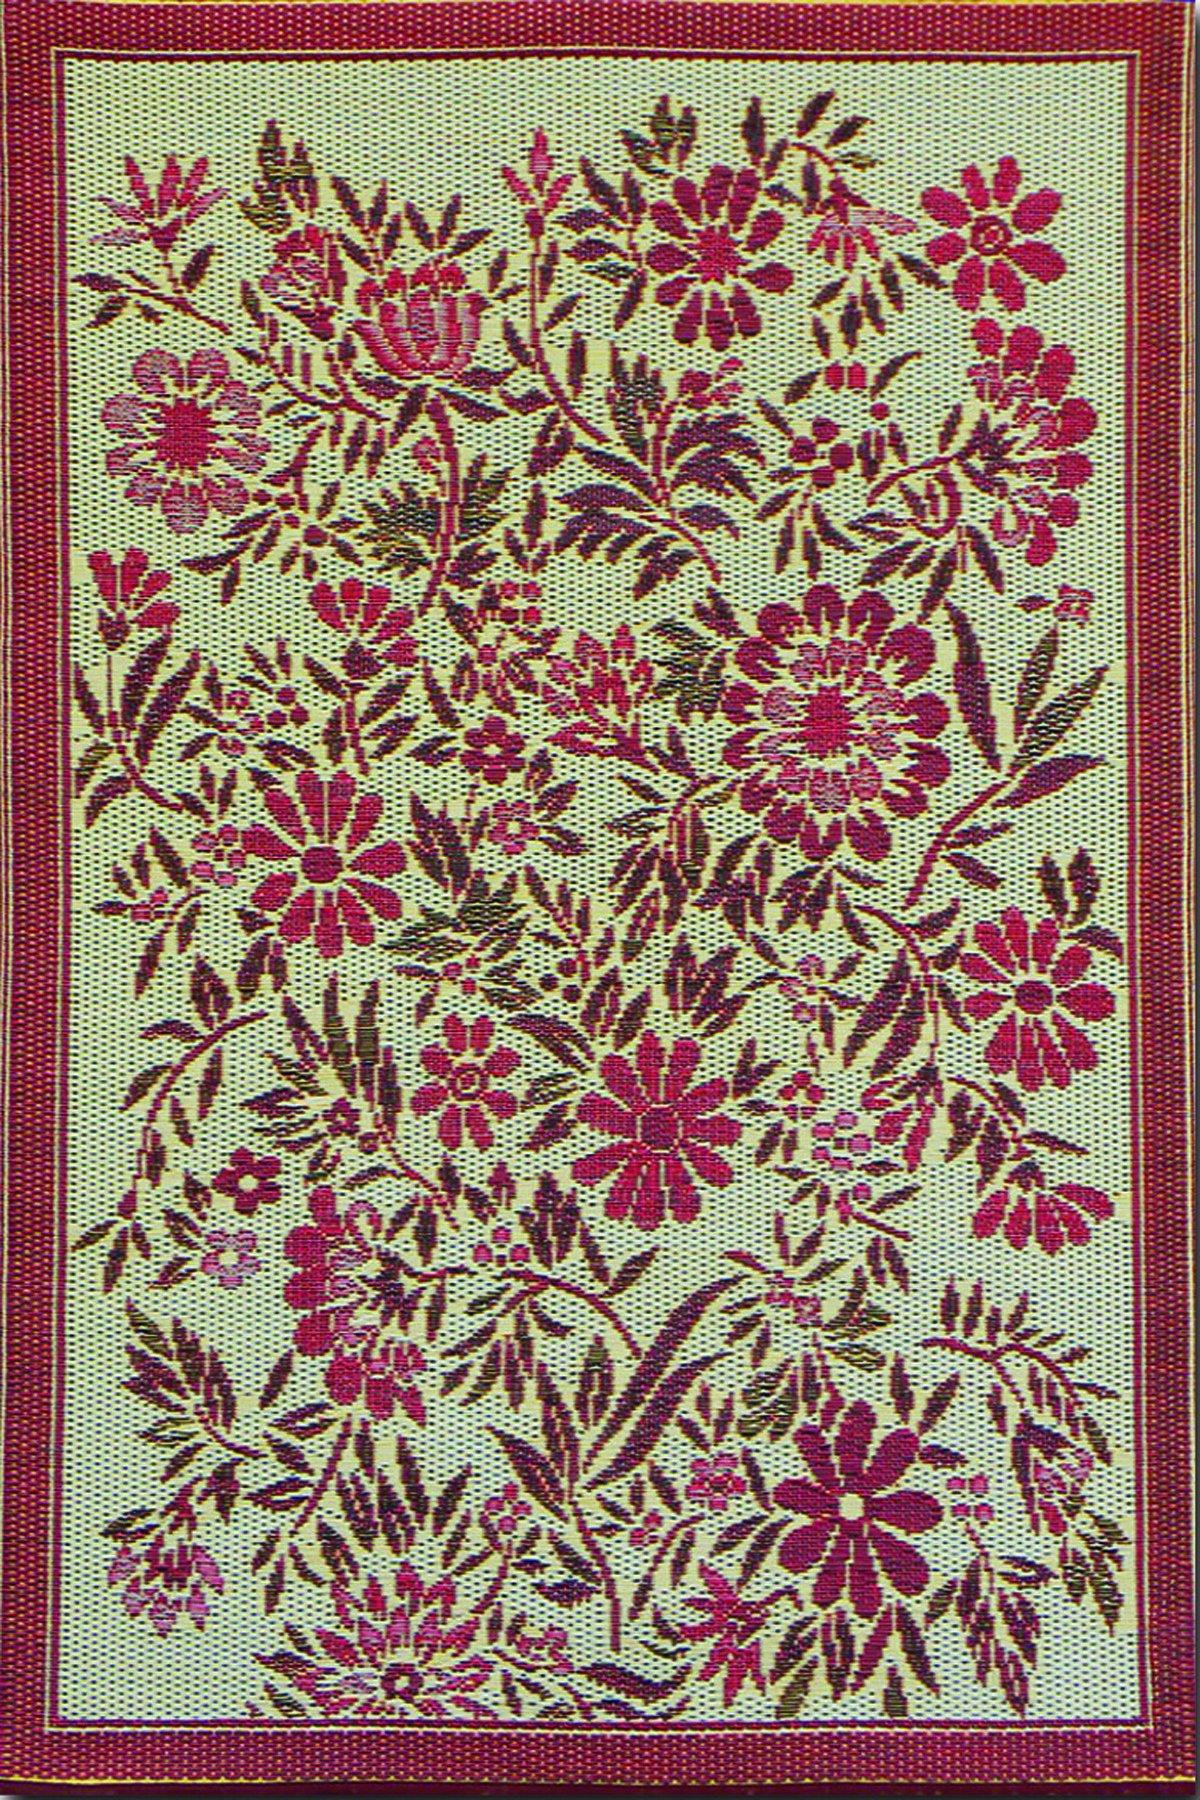 Mad Mats Wildflowers Indoor/Outdoor Floor Mat, 6 by 9-Feet, Cranberry